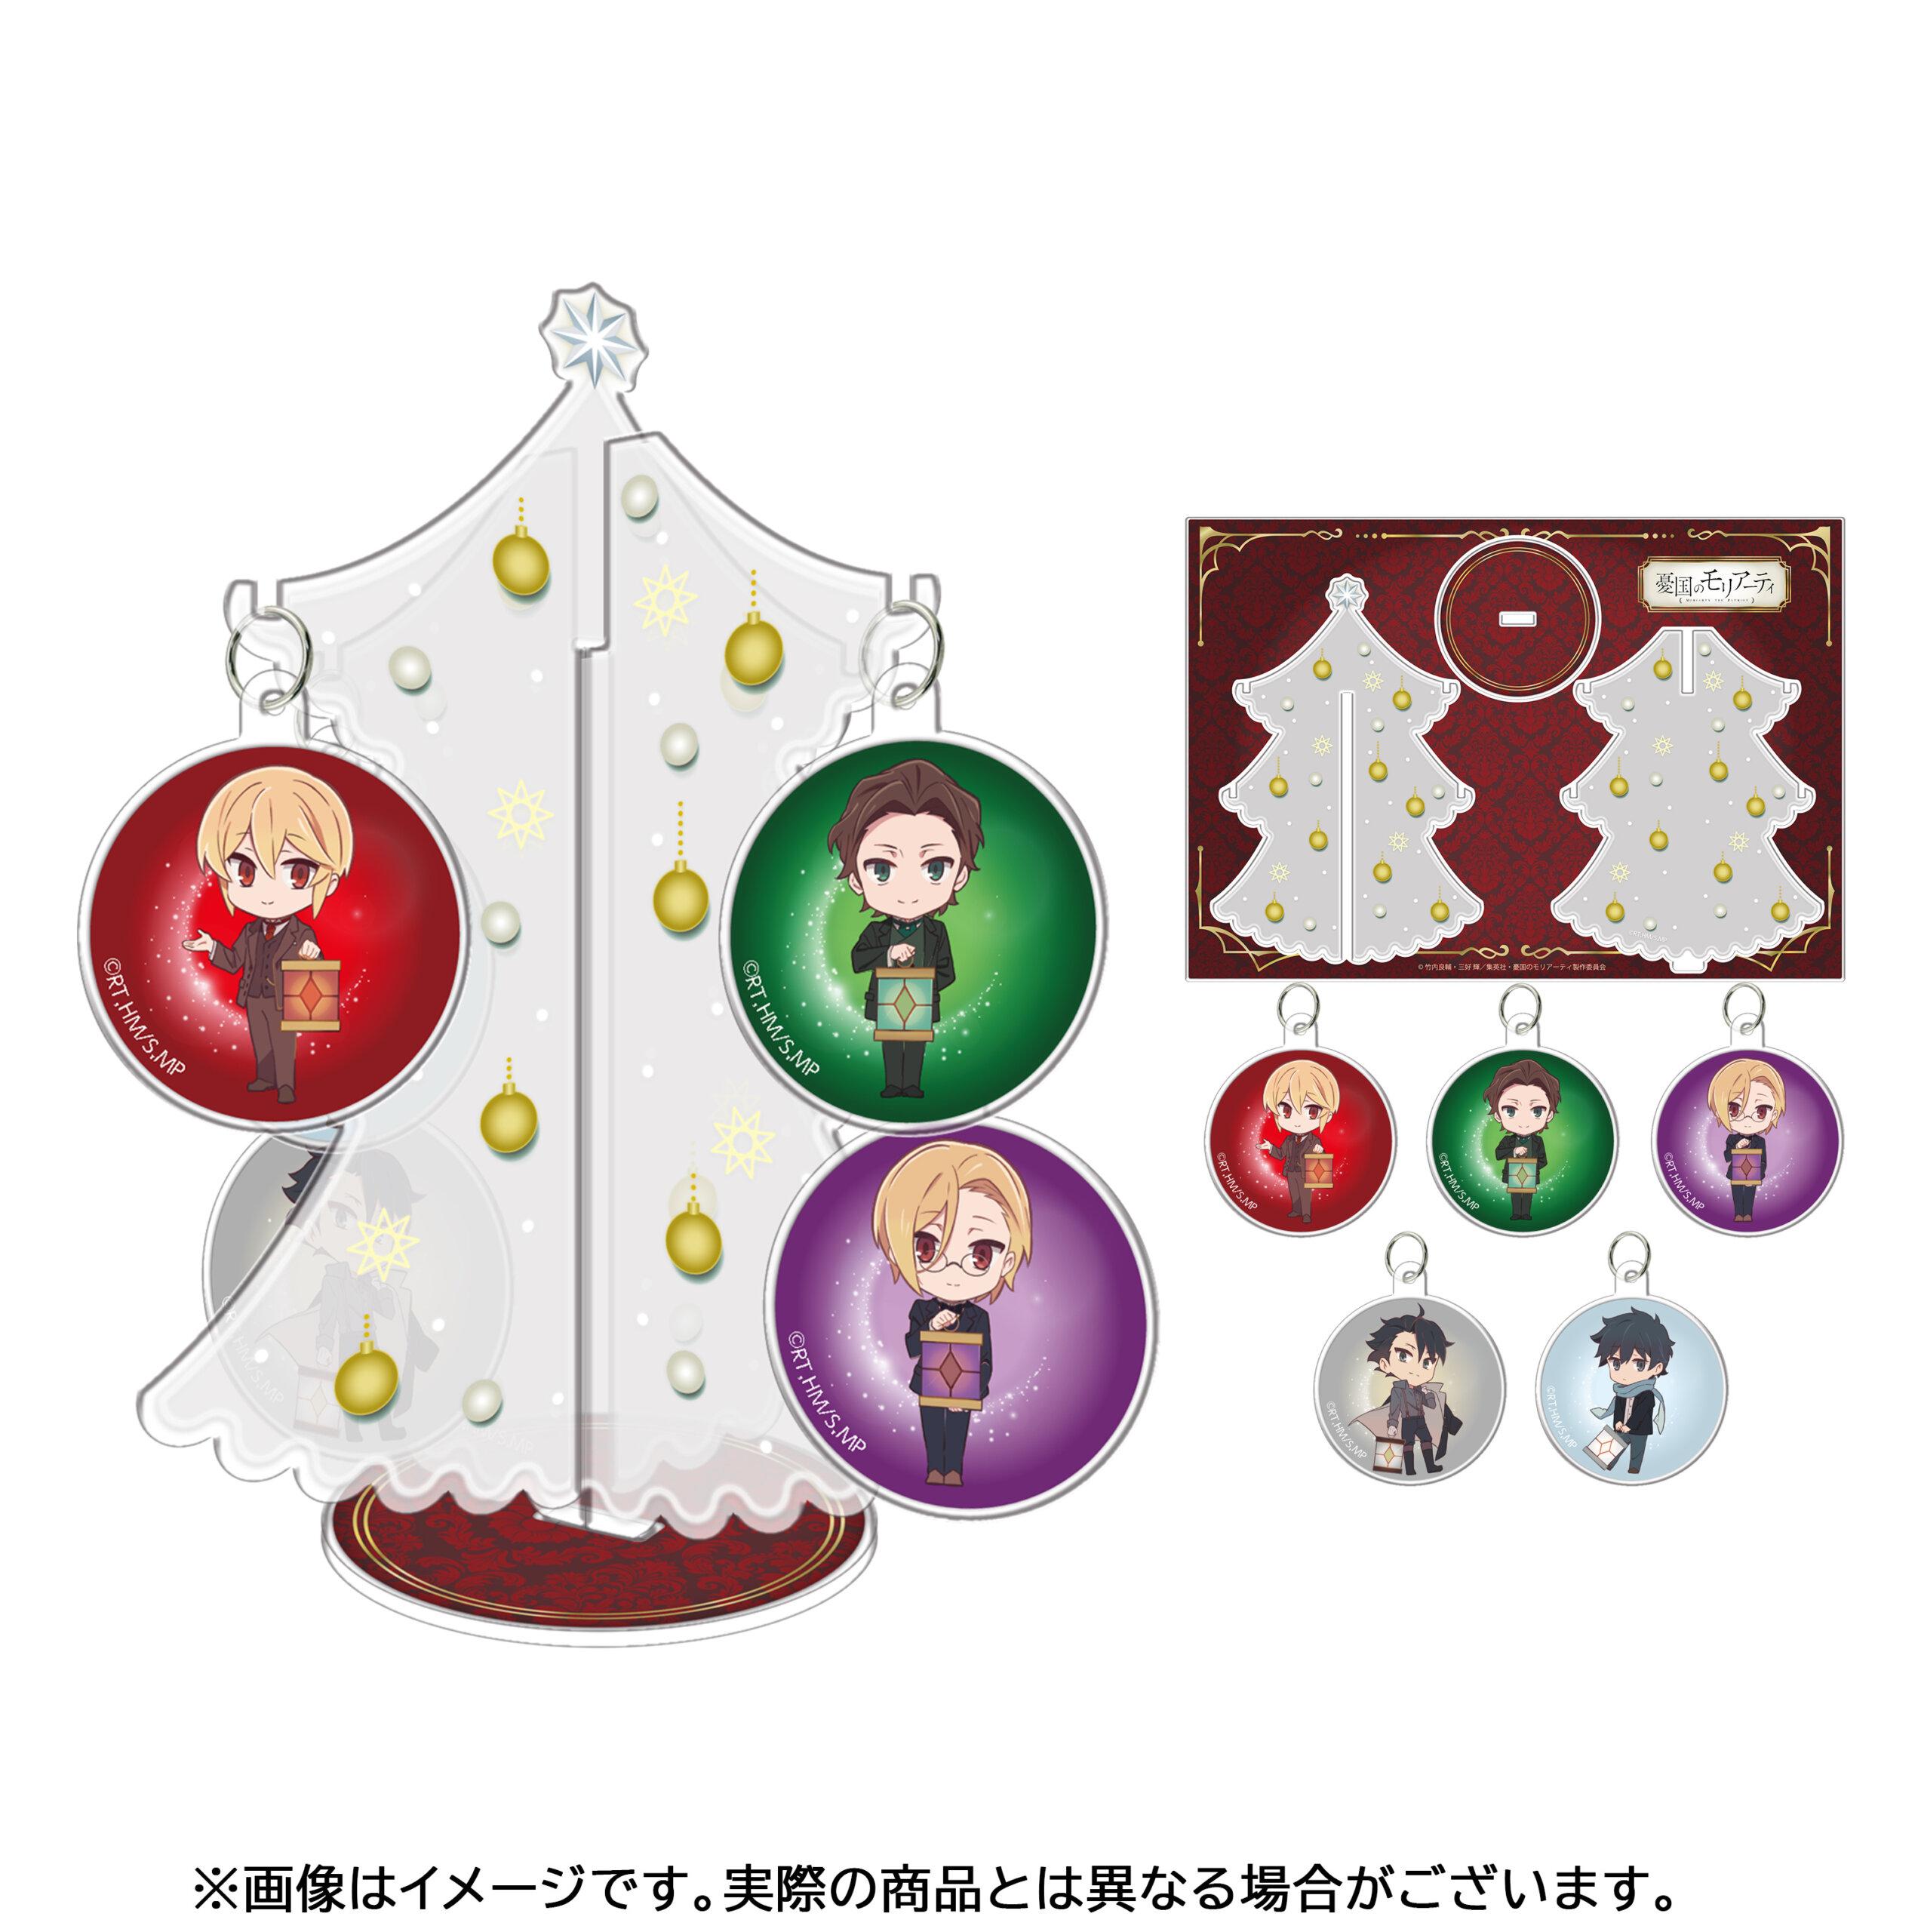 卓上アクリルクリスマスツリー&オーナメントセット